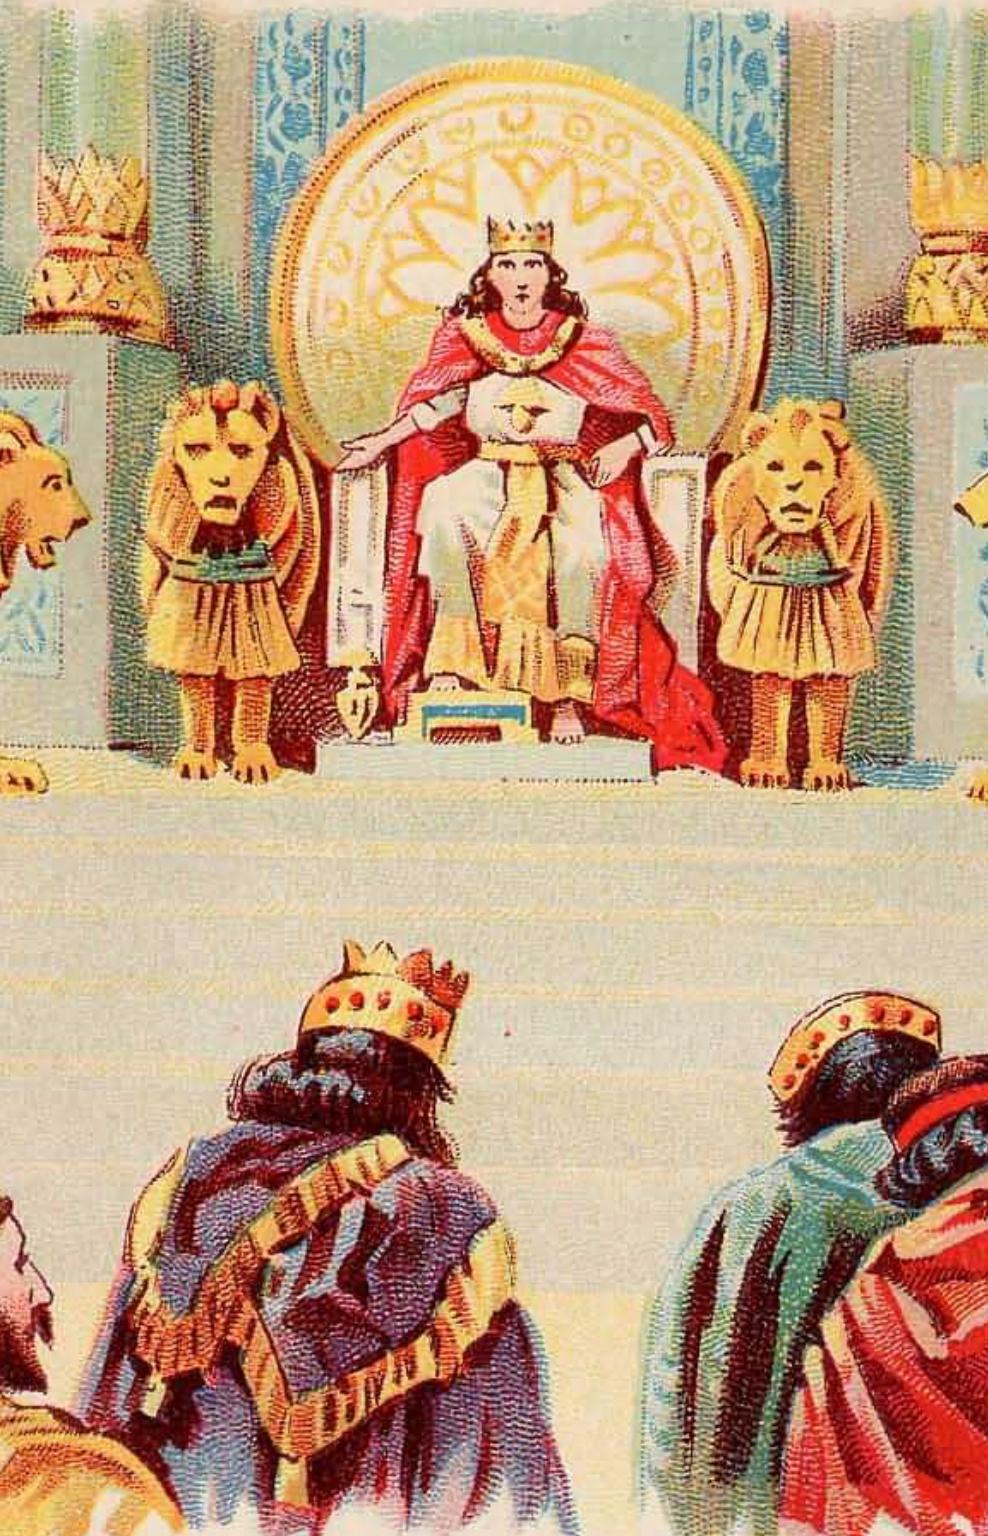 Saint Solomon: The Mystical King